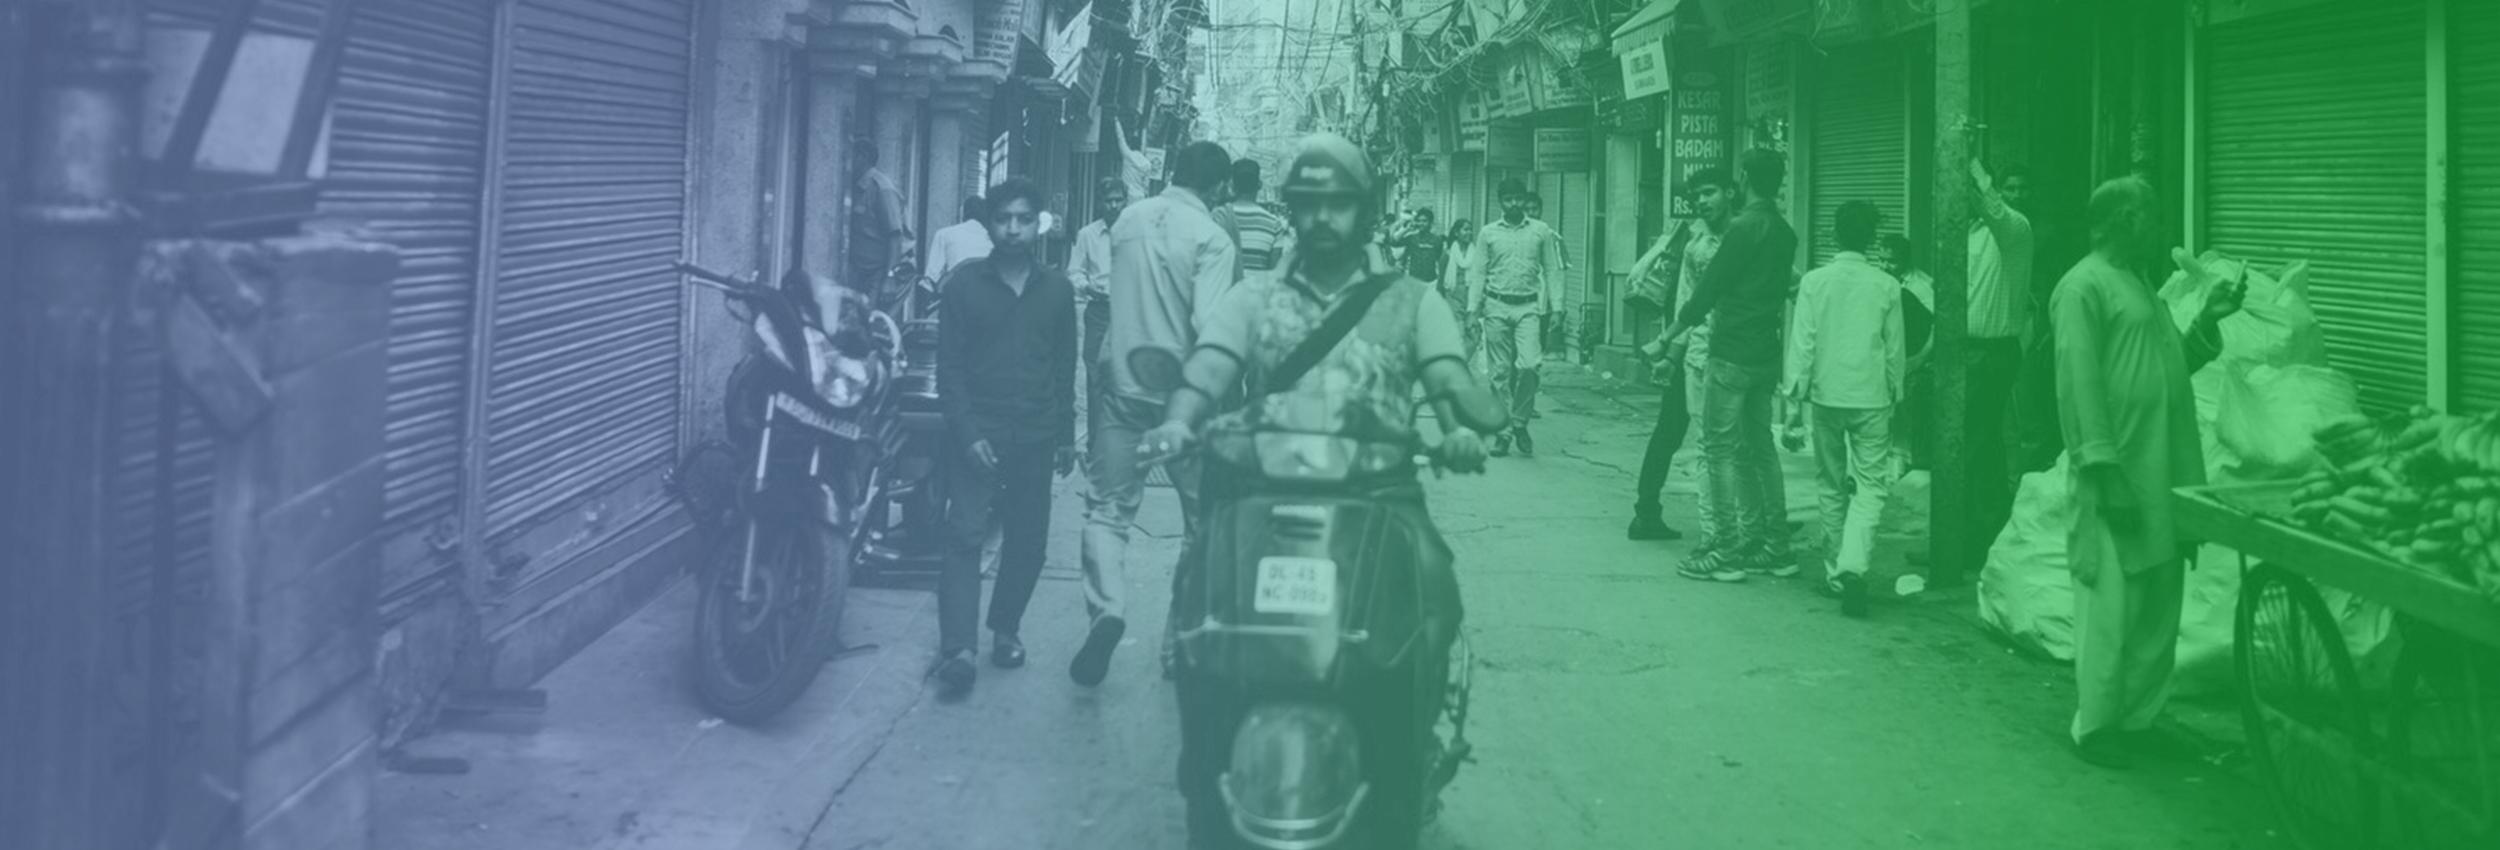 Оплачиваем проезд: как передвигаться по Индии? Оплачиваем проезд: как передвигаться по Индии? obshee2